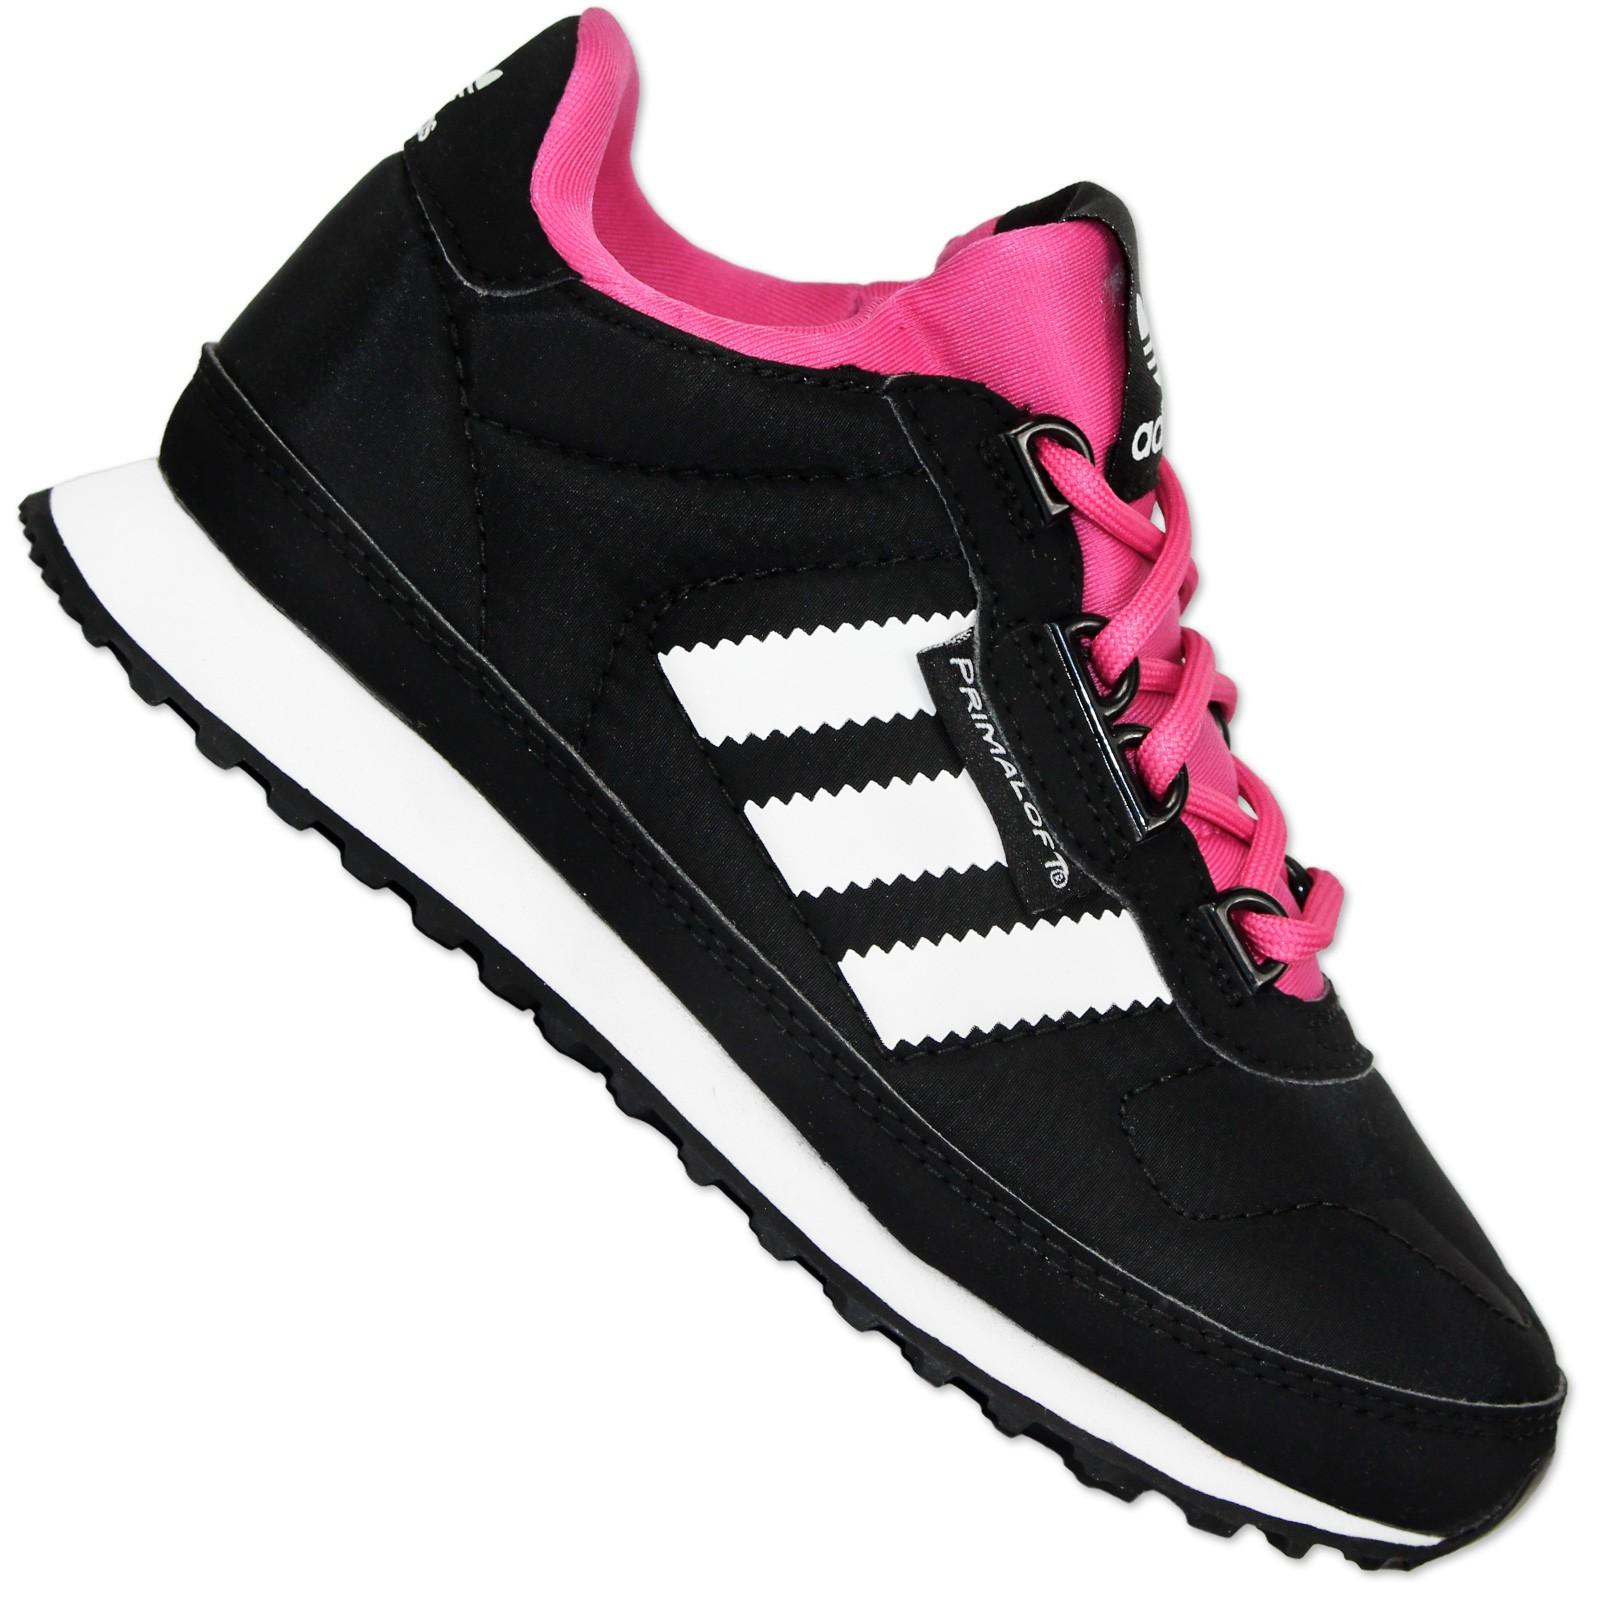 Kinder Sneaker Pink Zx Primaloft Turn 700 Schuhe Originals Schwarz 28 K Adidas uTPkOXZi